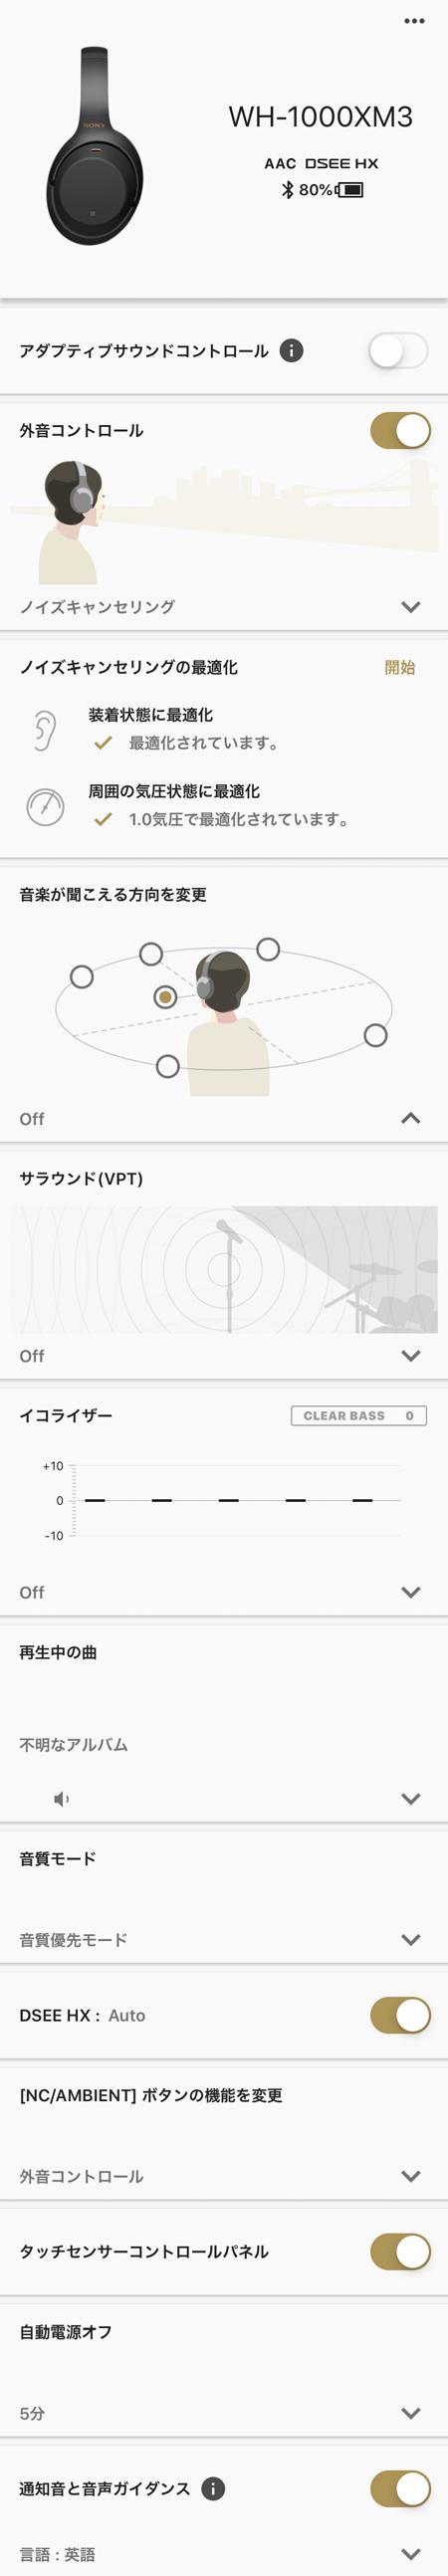 専用アプリ Headphones Connect